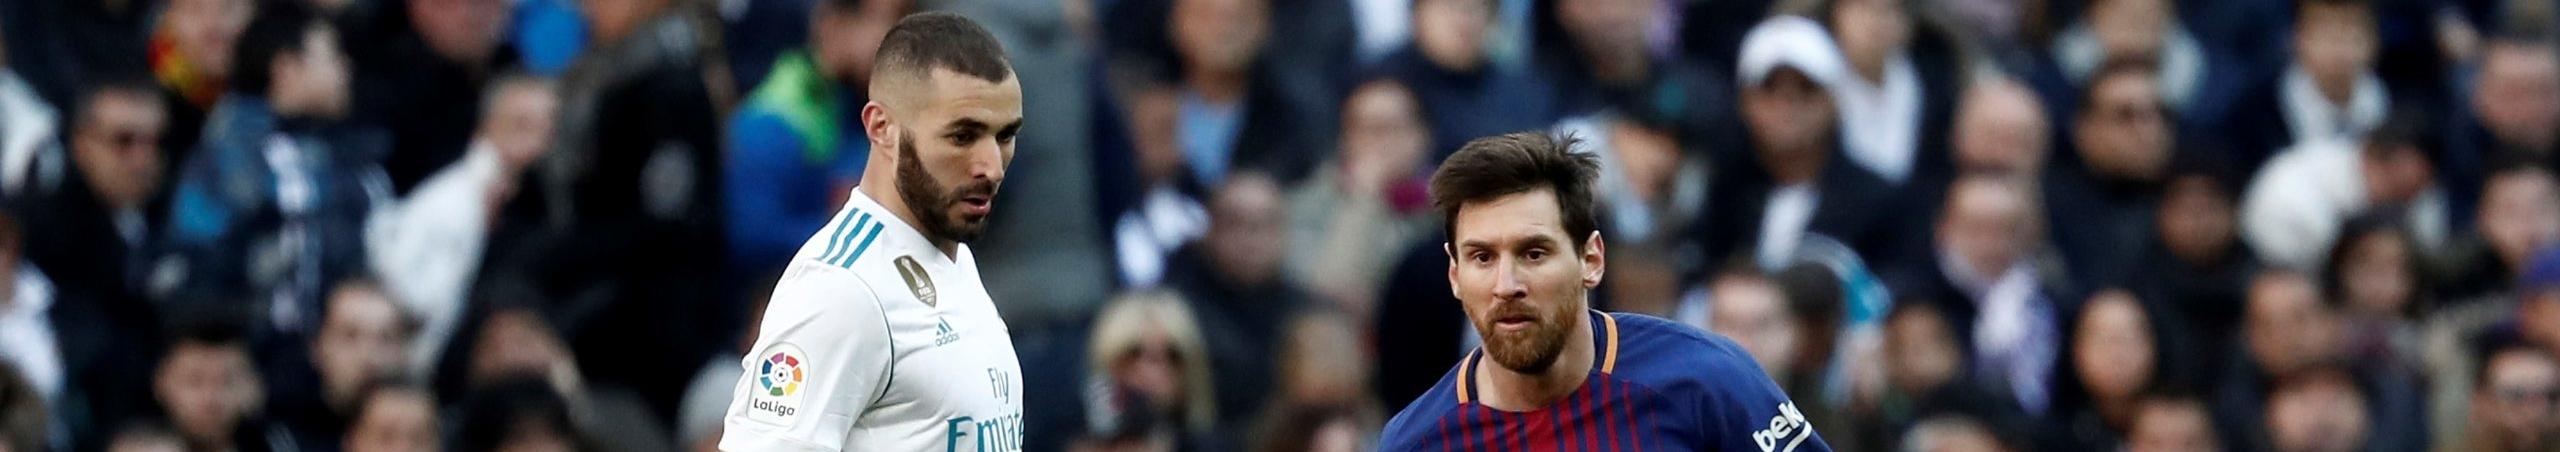 Liga 2019/2020, dove eravamo rimasti? La situazione in Spagna alla ripresa del campionato